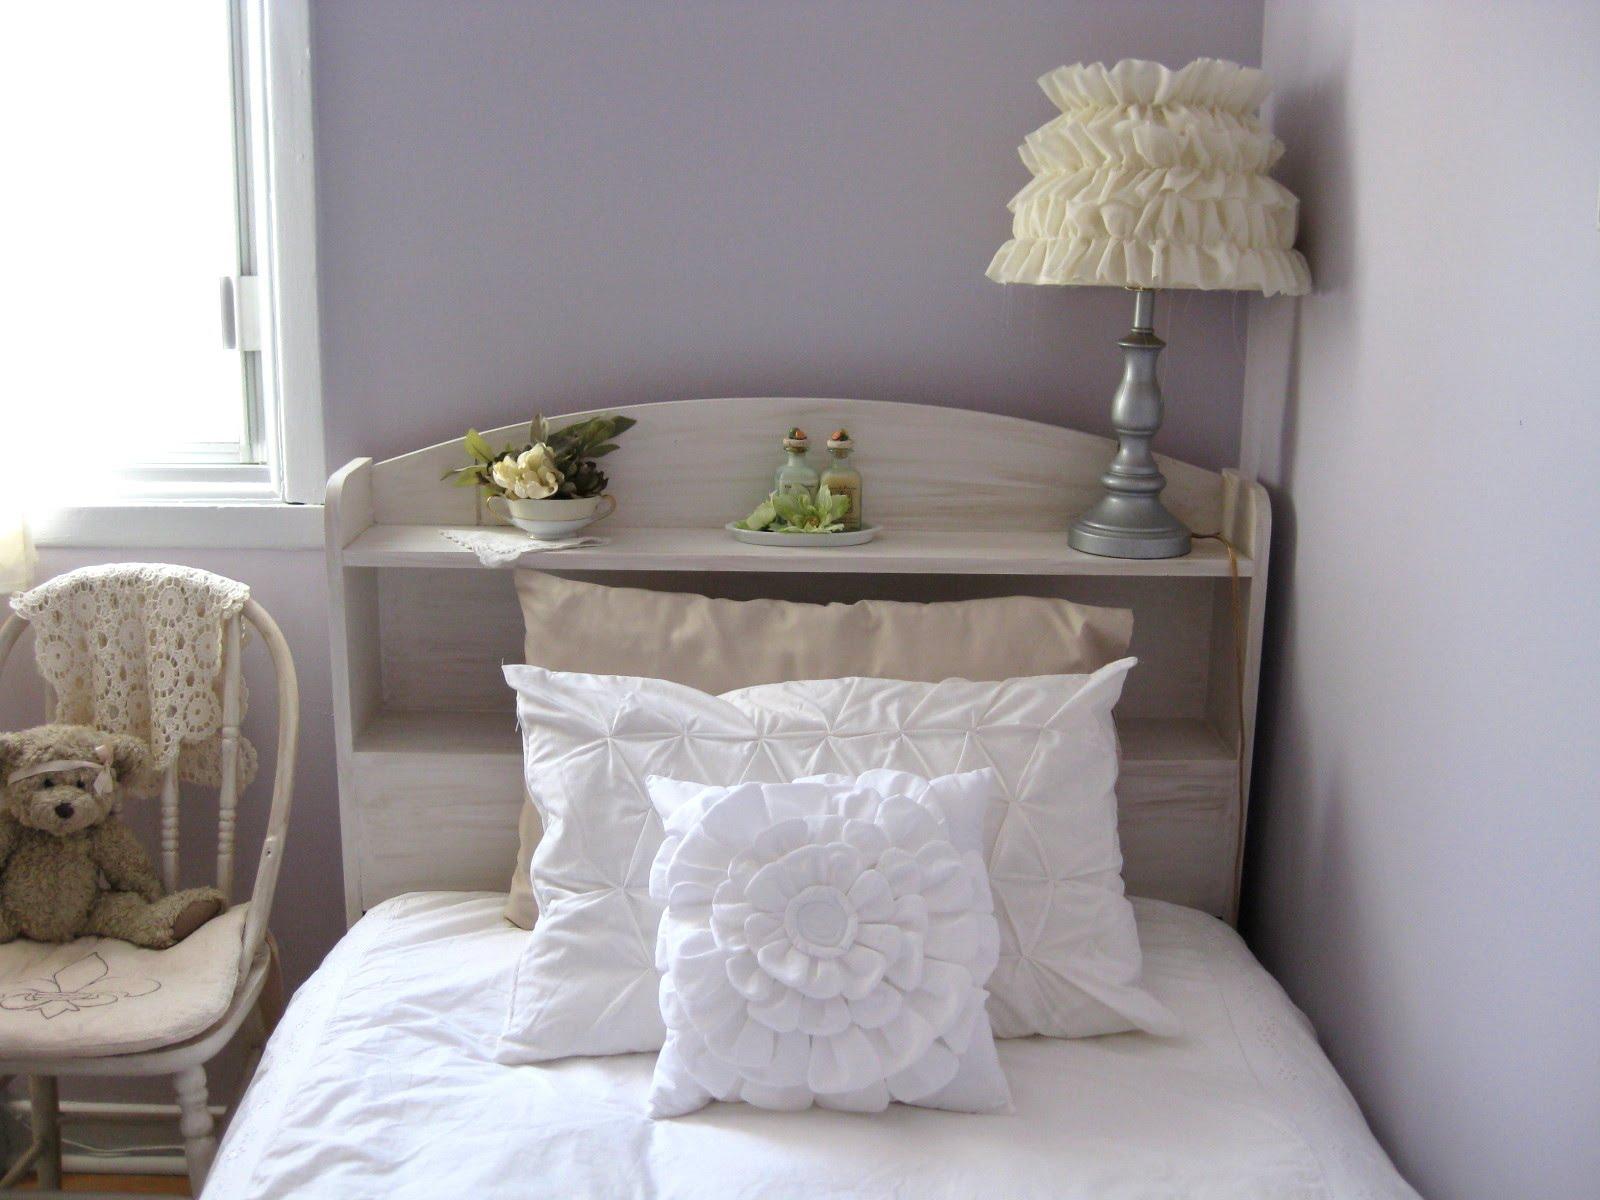 Потрясающие декоративные подушки в интерьере